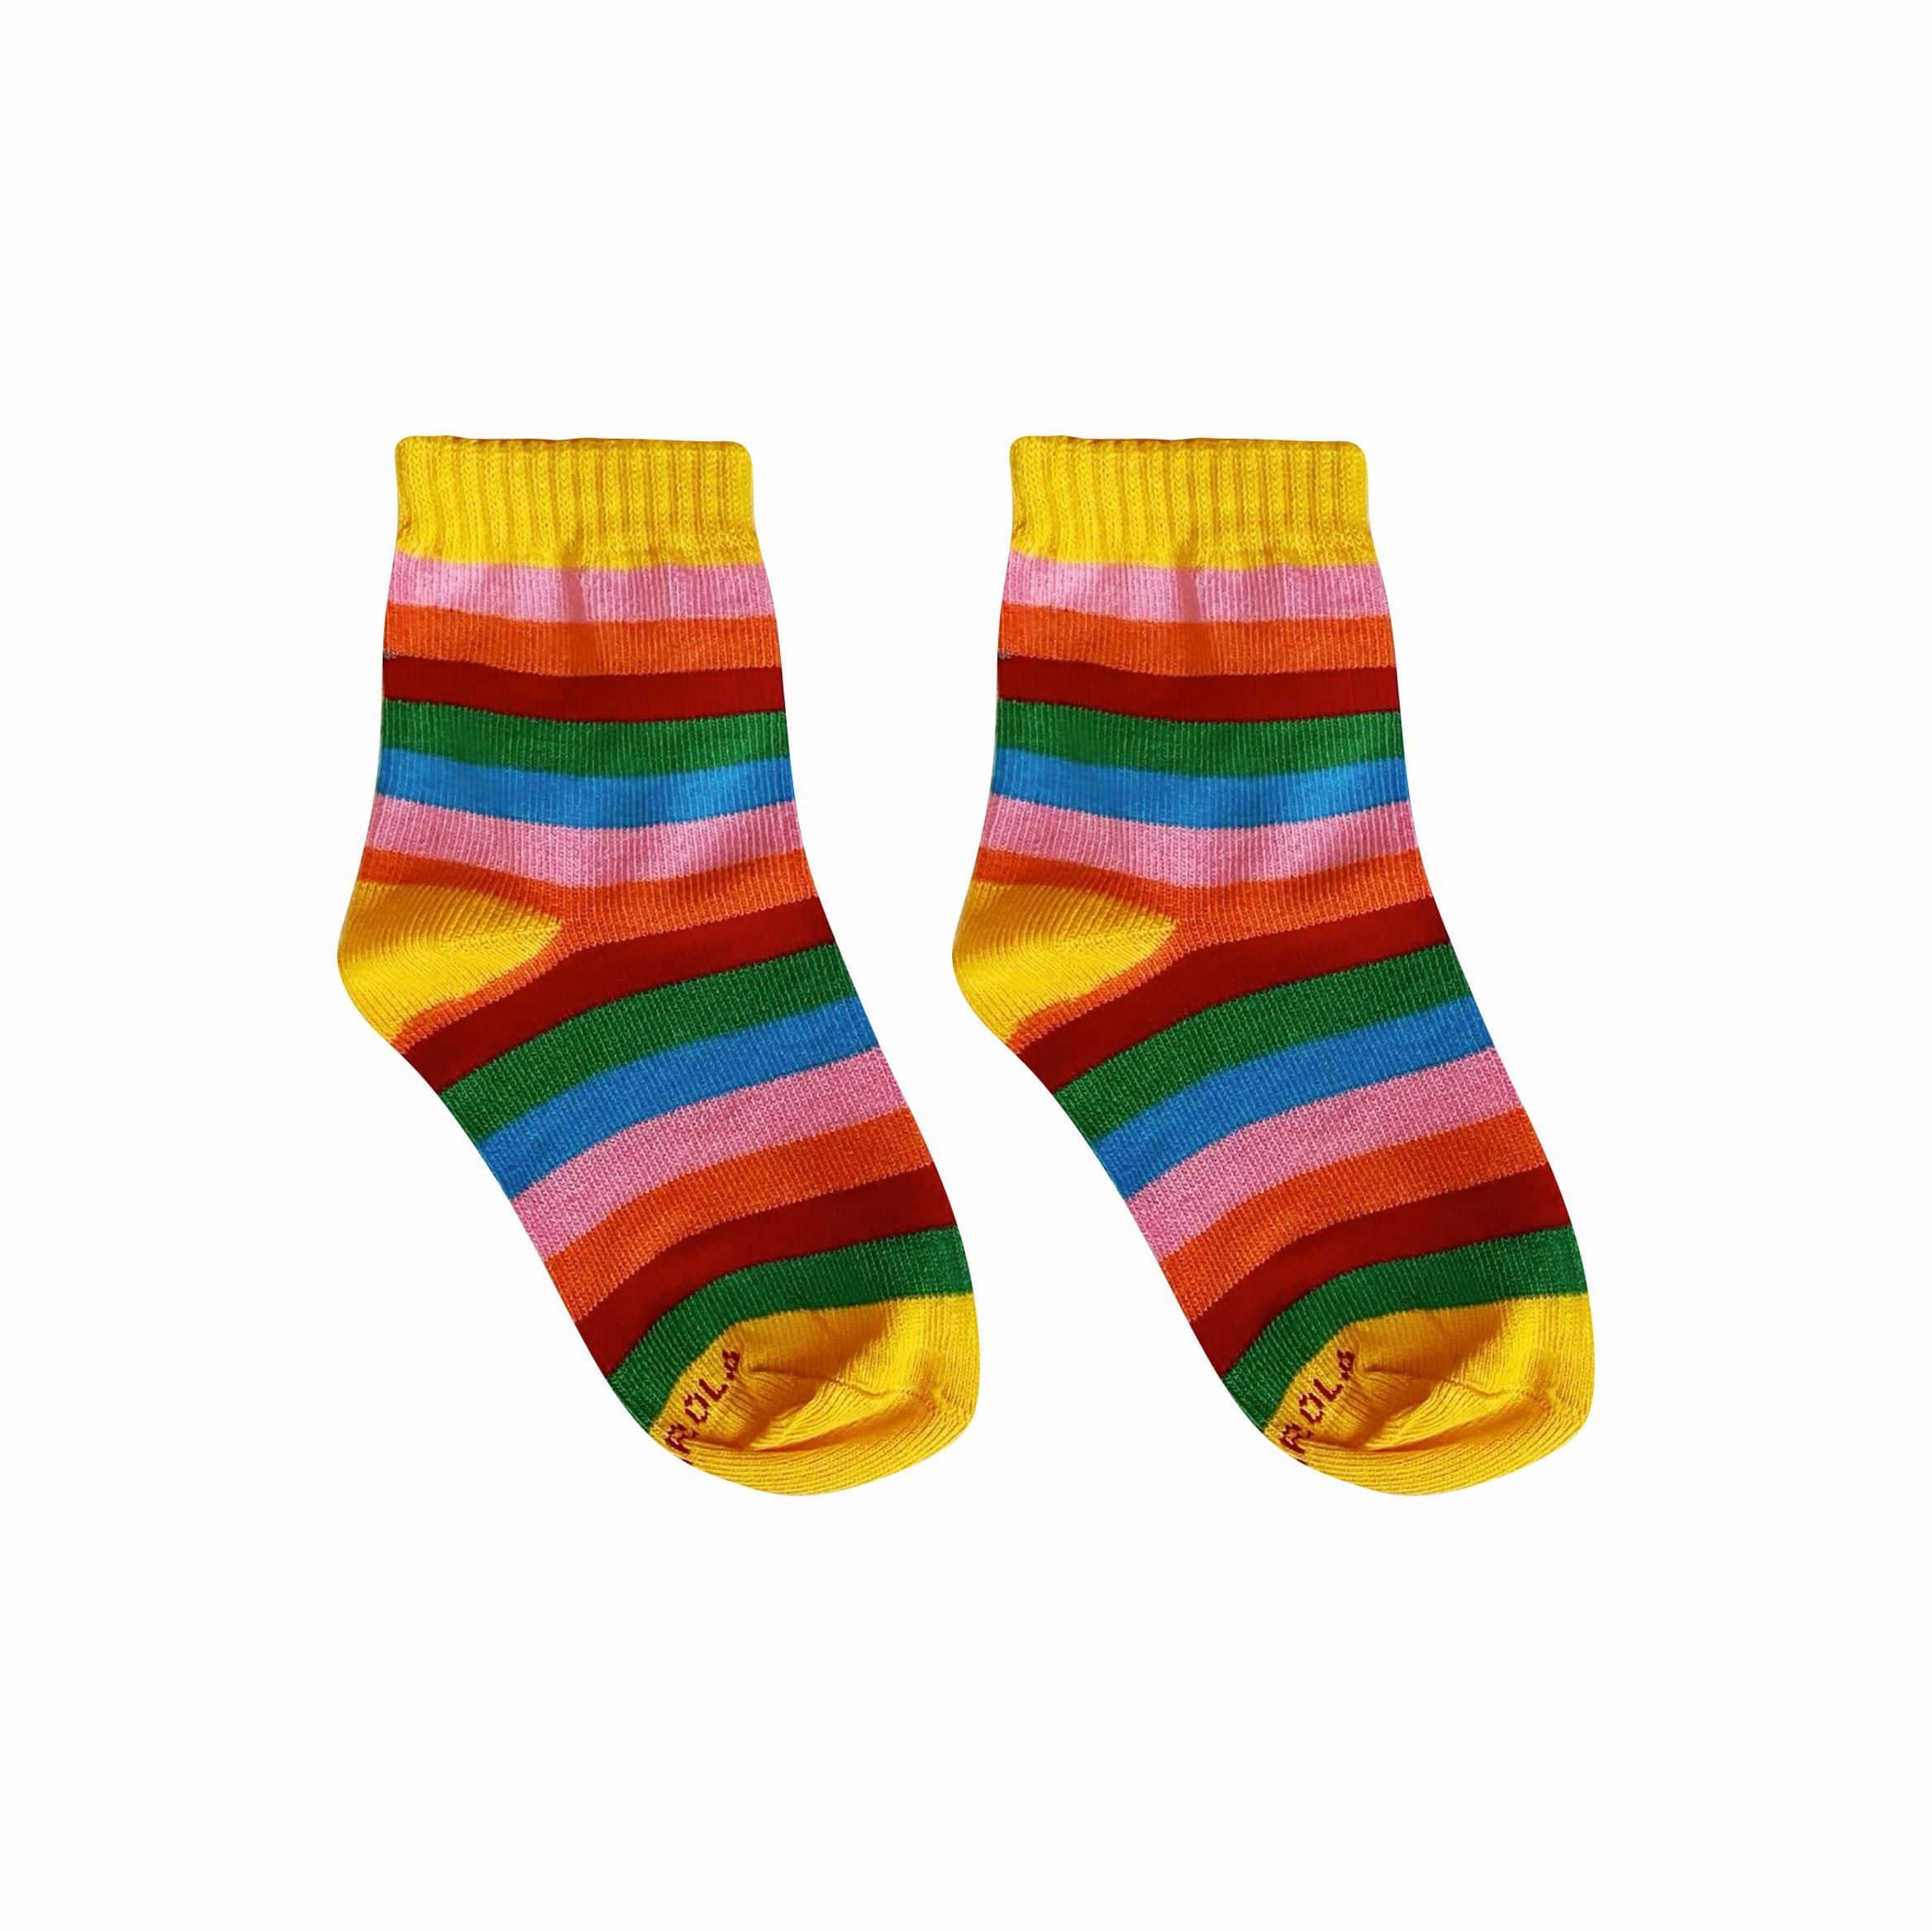 meia-soquete-arco-iris-retro-tam-25-a-29-cantarola